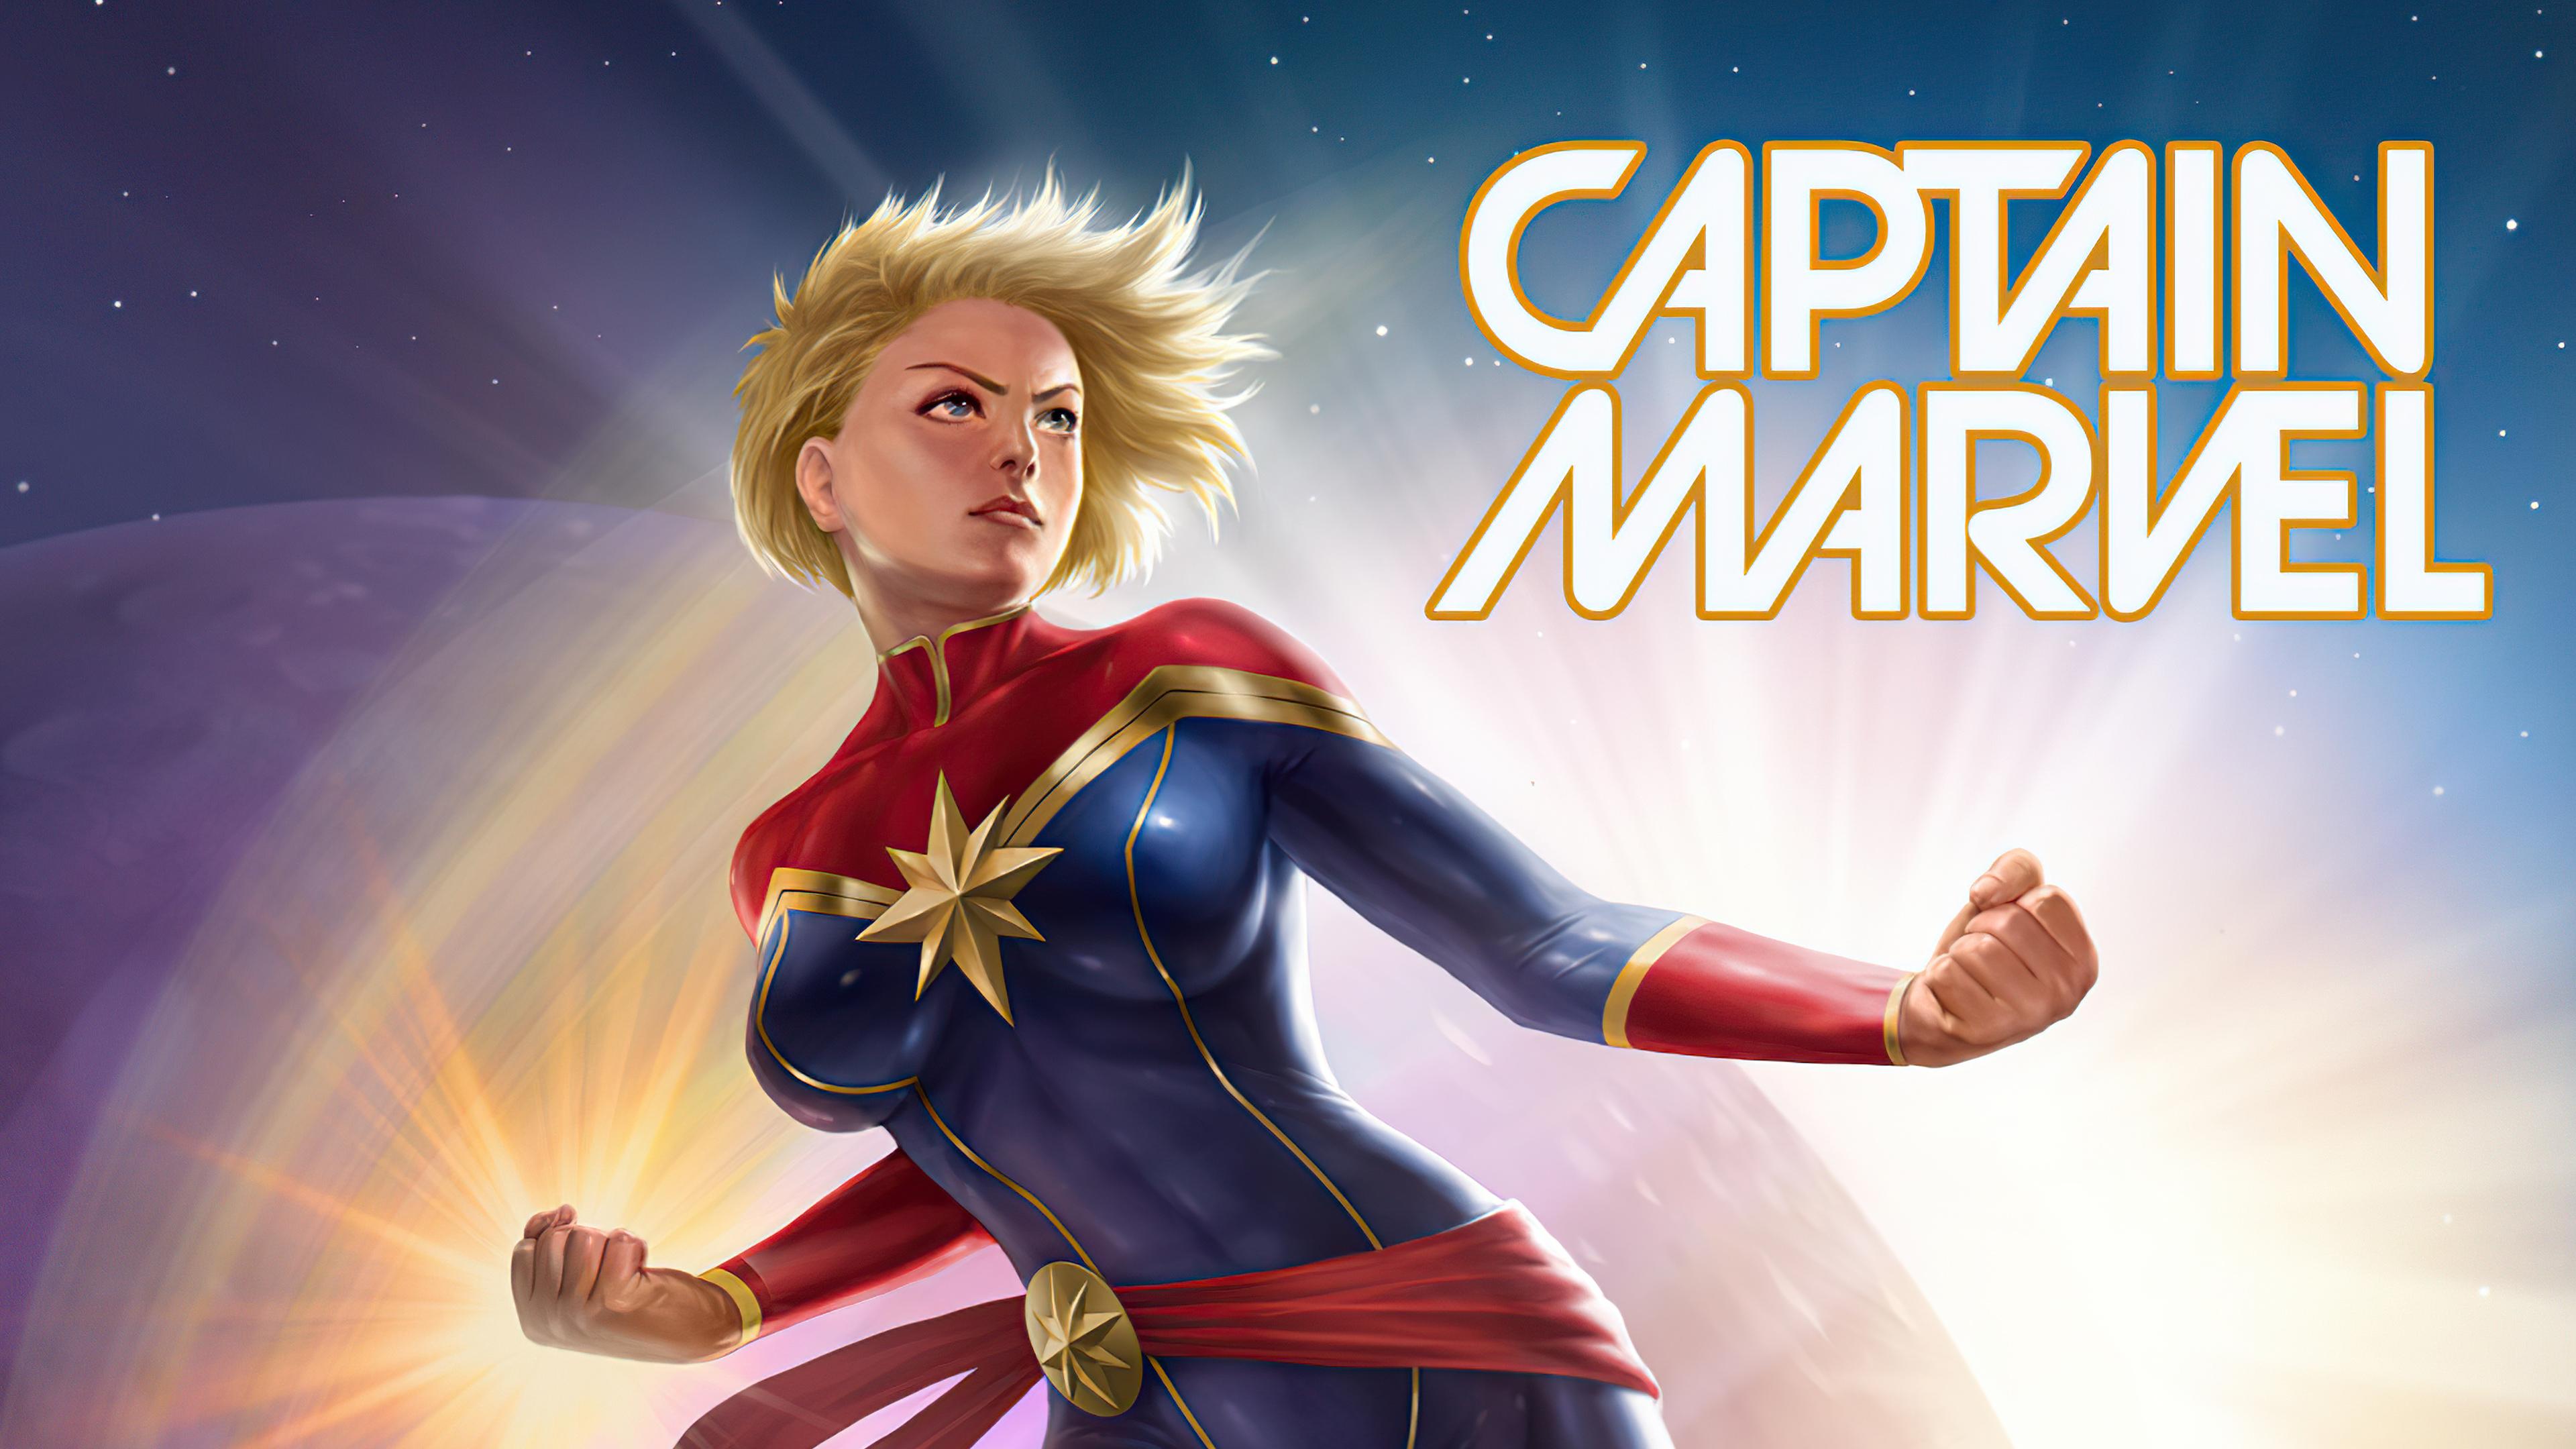 captain marvel fan artwork 4k 1616961454 - Captain Marvel Fan Artwork 4k - Captain Marvel Fan Artwork 4k wallpapers